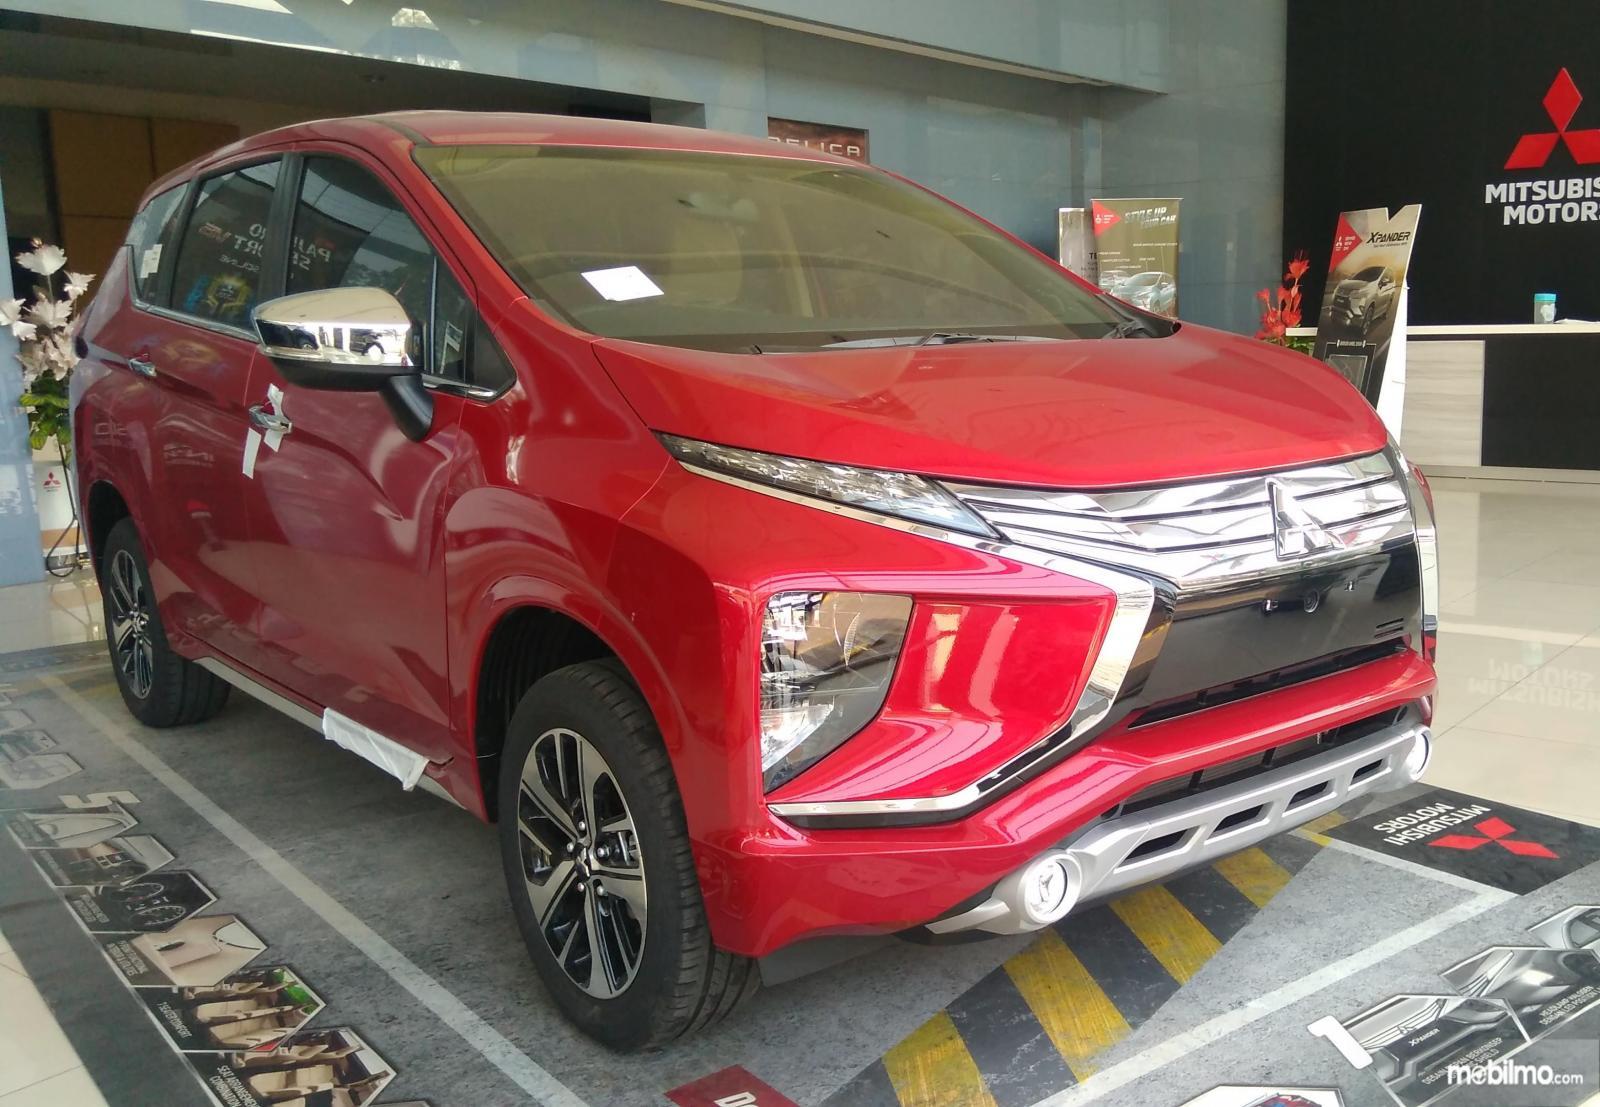 Foto Mitsubishi Xpander warna merah tampak dari samping depan